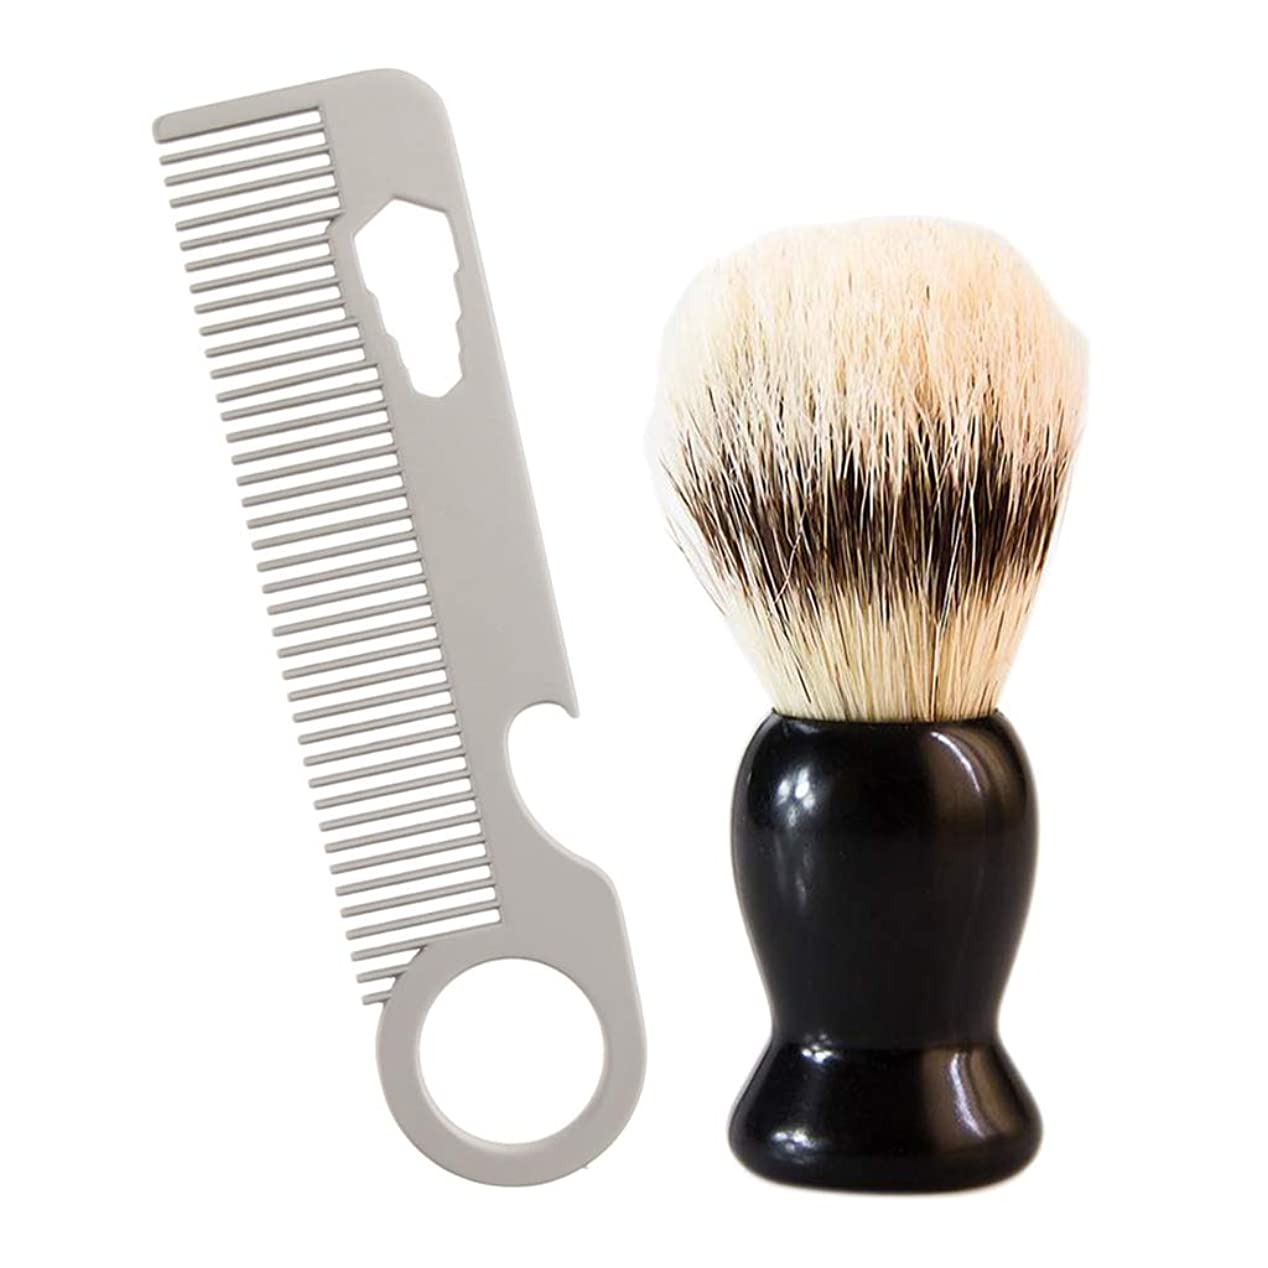 競う床資格情報chiwanji 男性用 ひげ剃り櫛 シェービングブラシ 理容 洗顔 髭剃り 旅行 携帯便利 2個セット